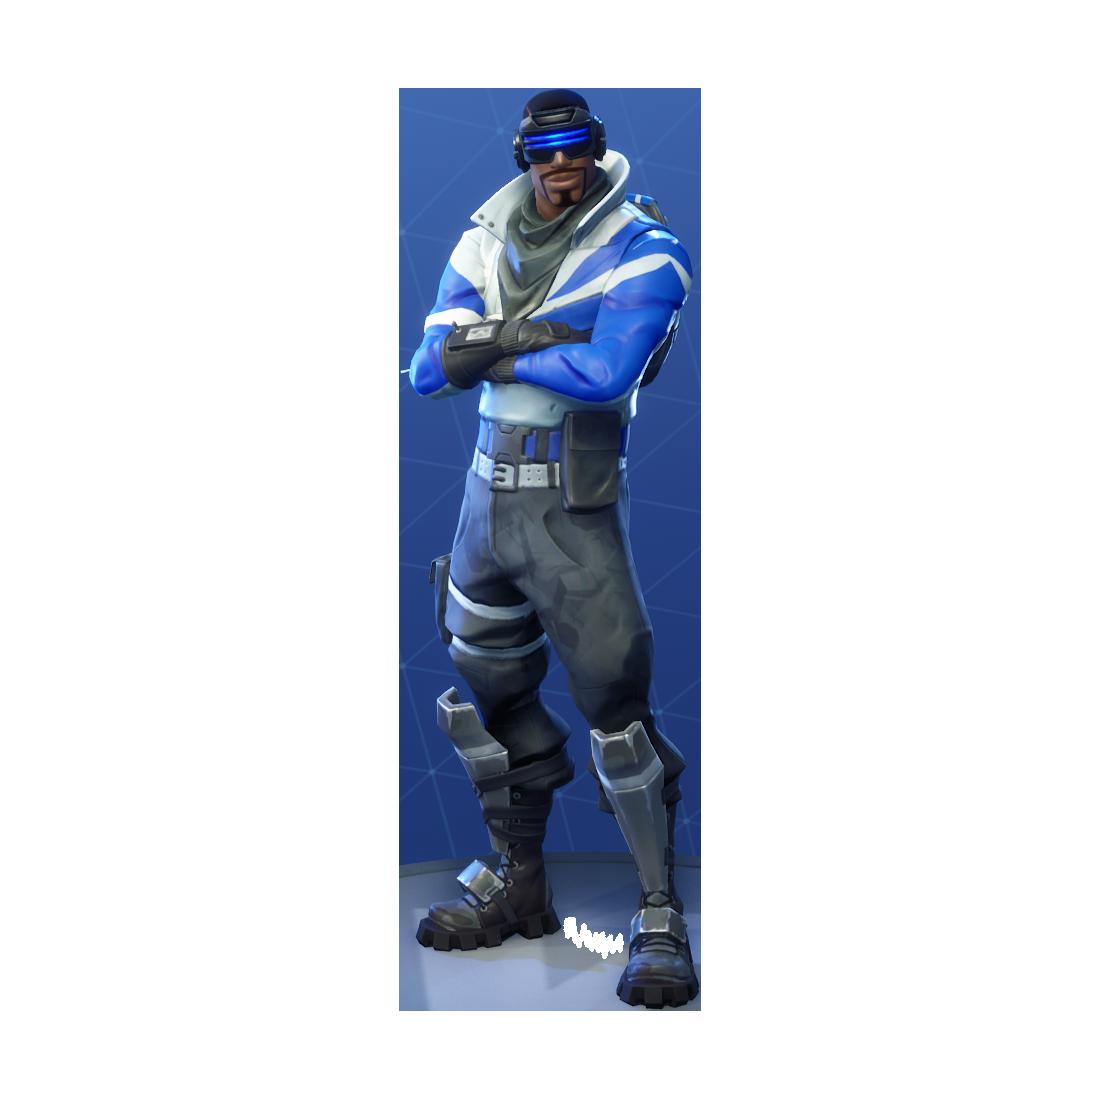 Fortnite Blue Striker PNG Image Fortnite, Battle, Striker